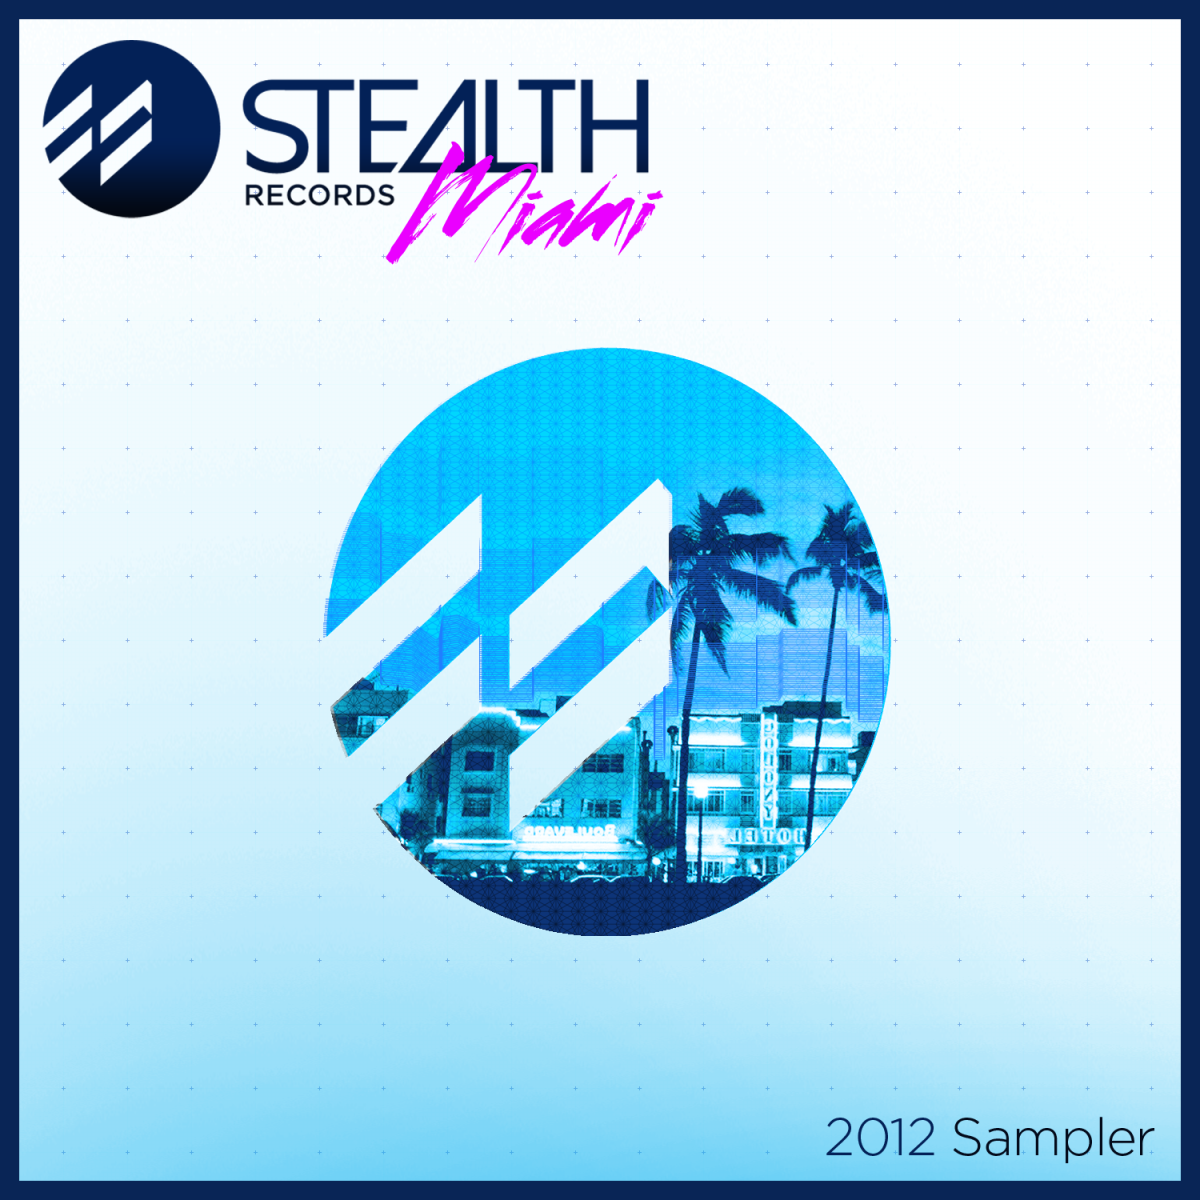 StealthMiami2012